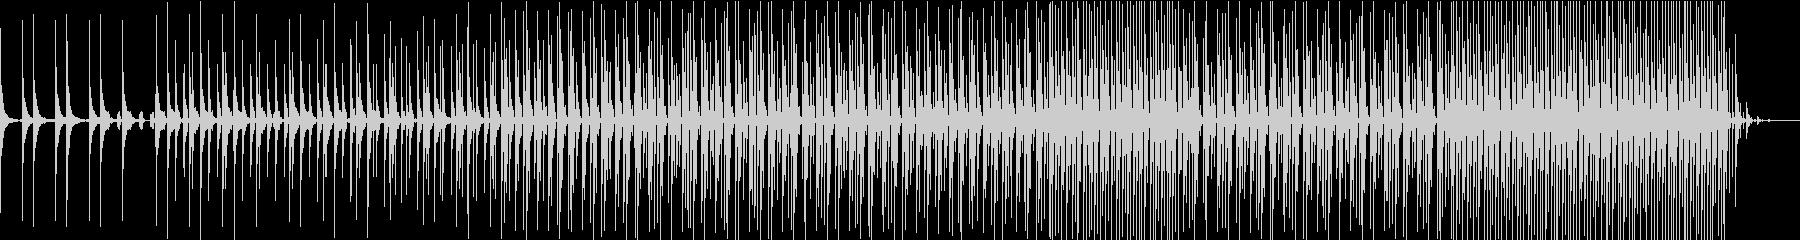 3拍子の中華風テクノ「亡霊のダンス」の未再生の波形